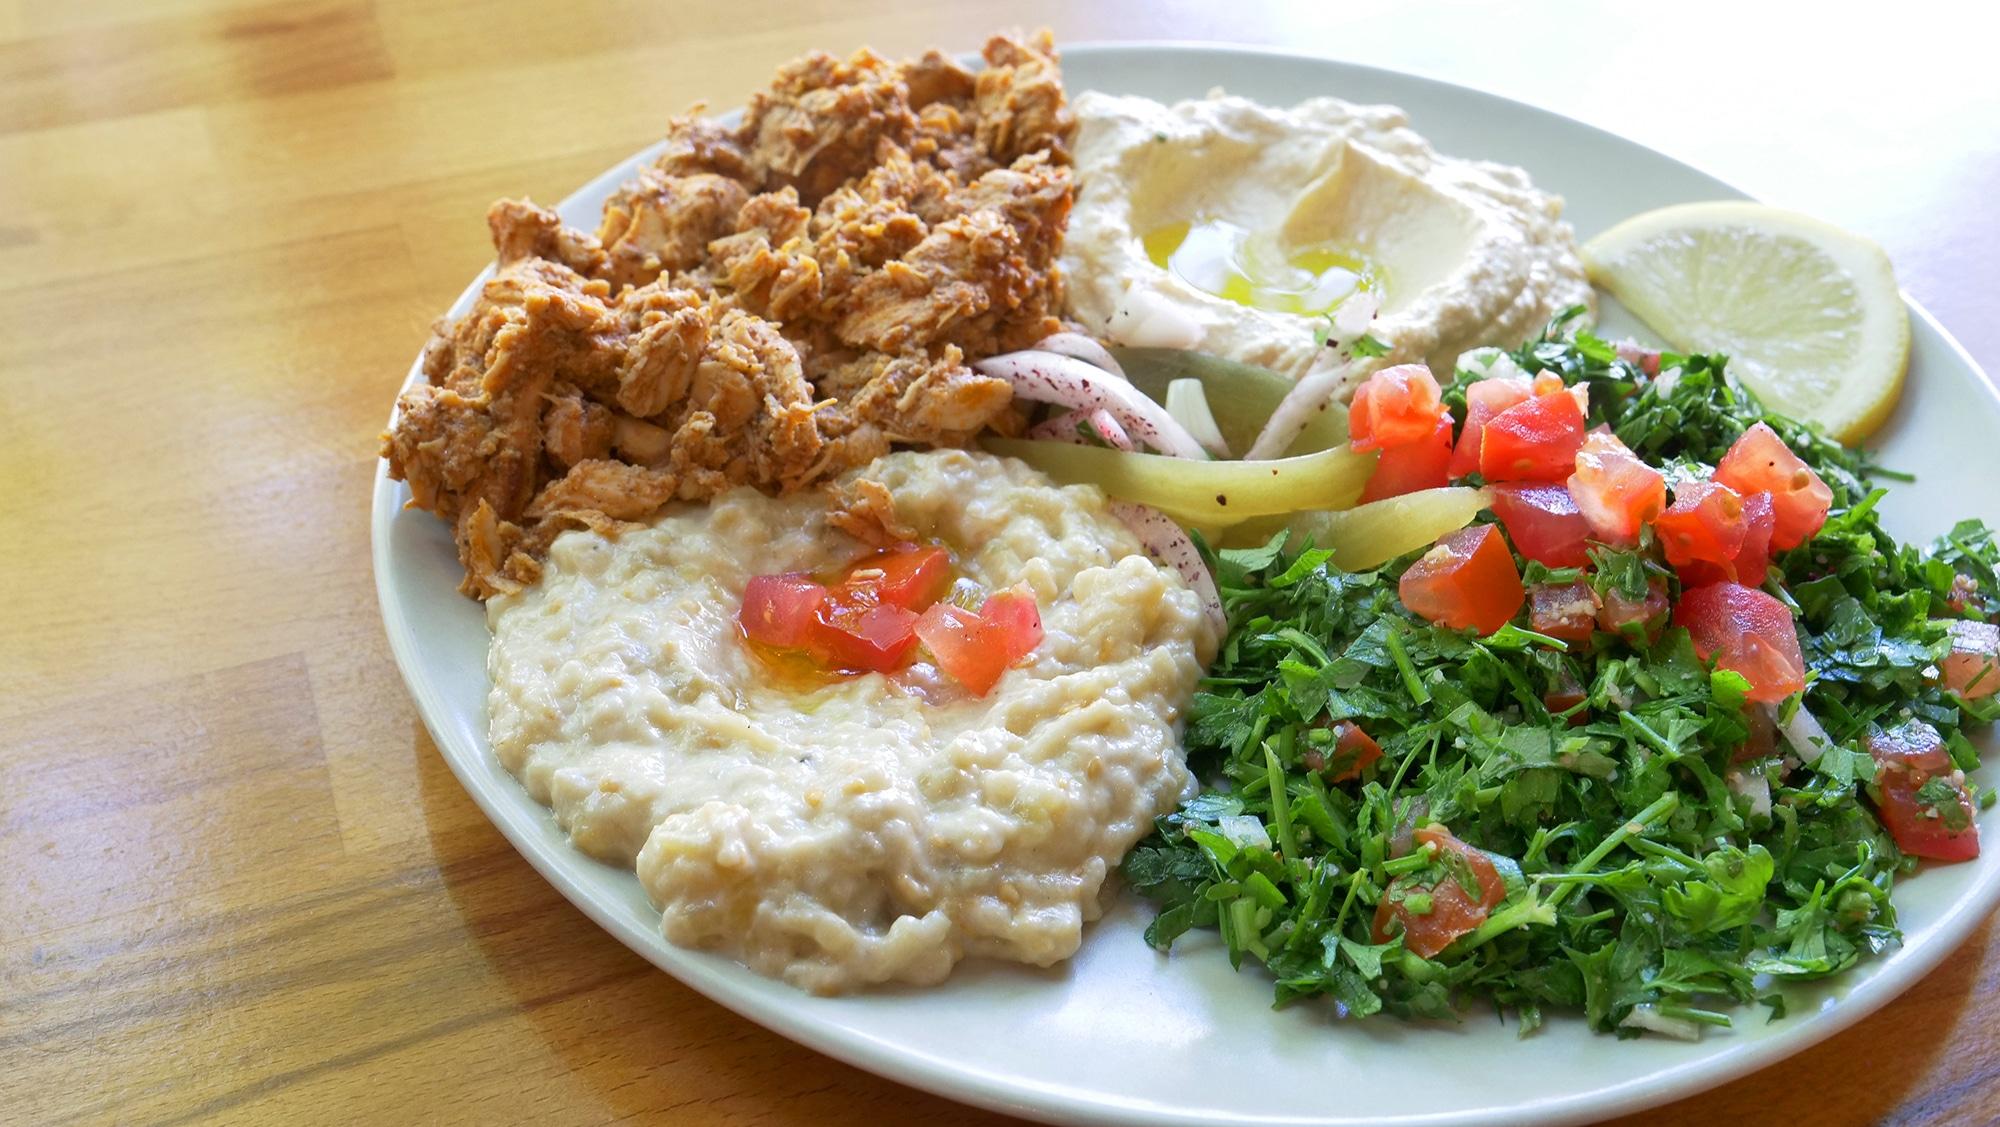 chawarma-poulet-libanais-montrouge-7.jpg